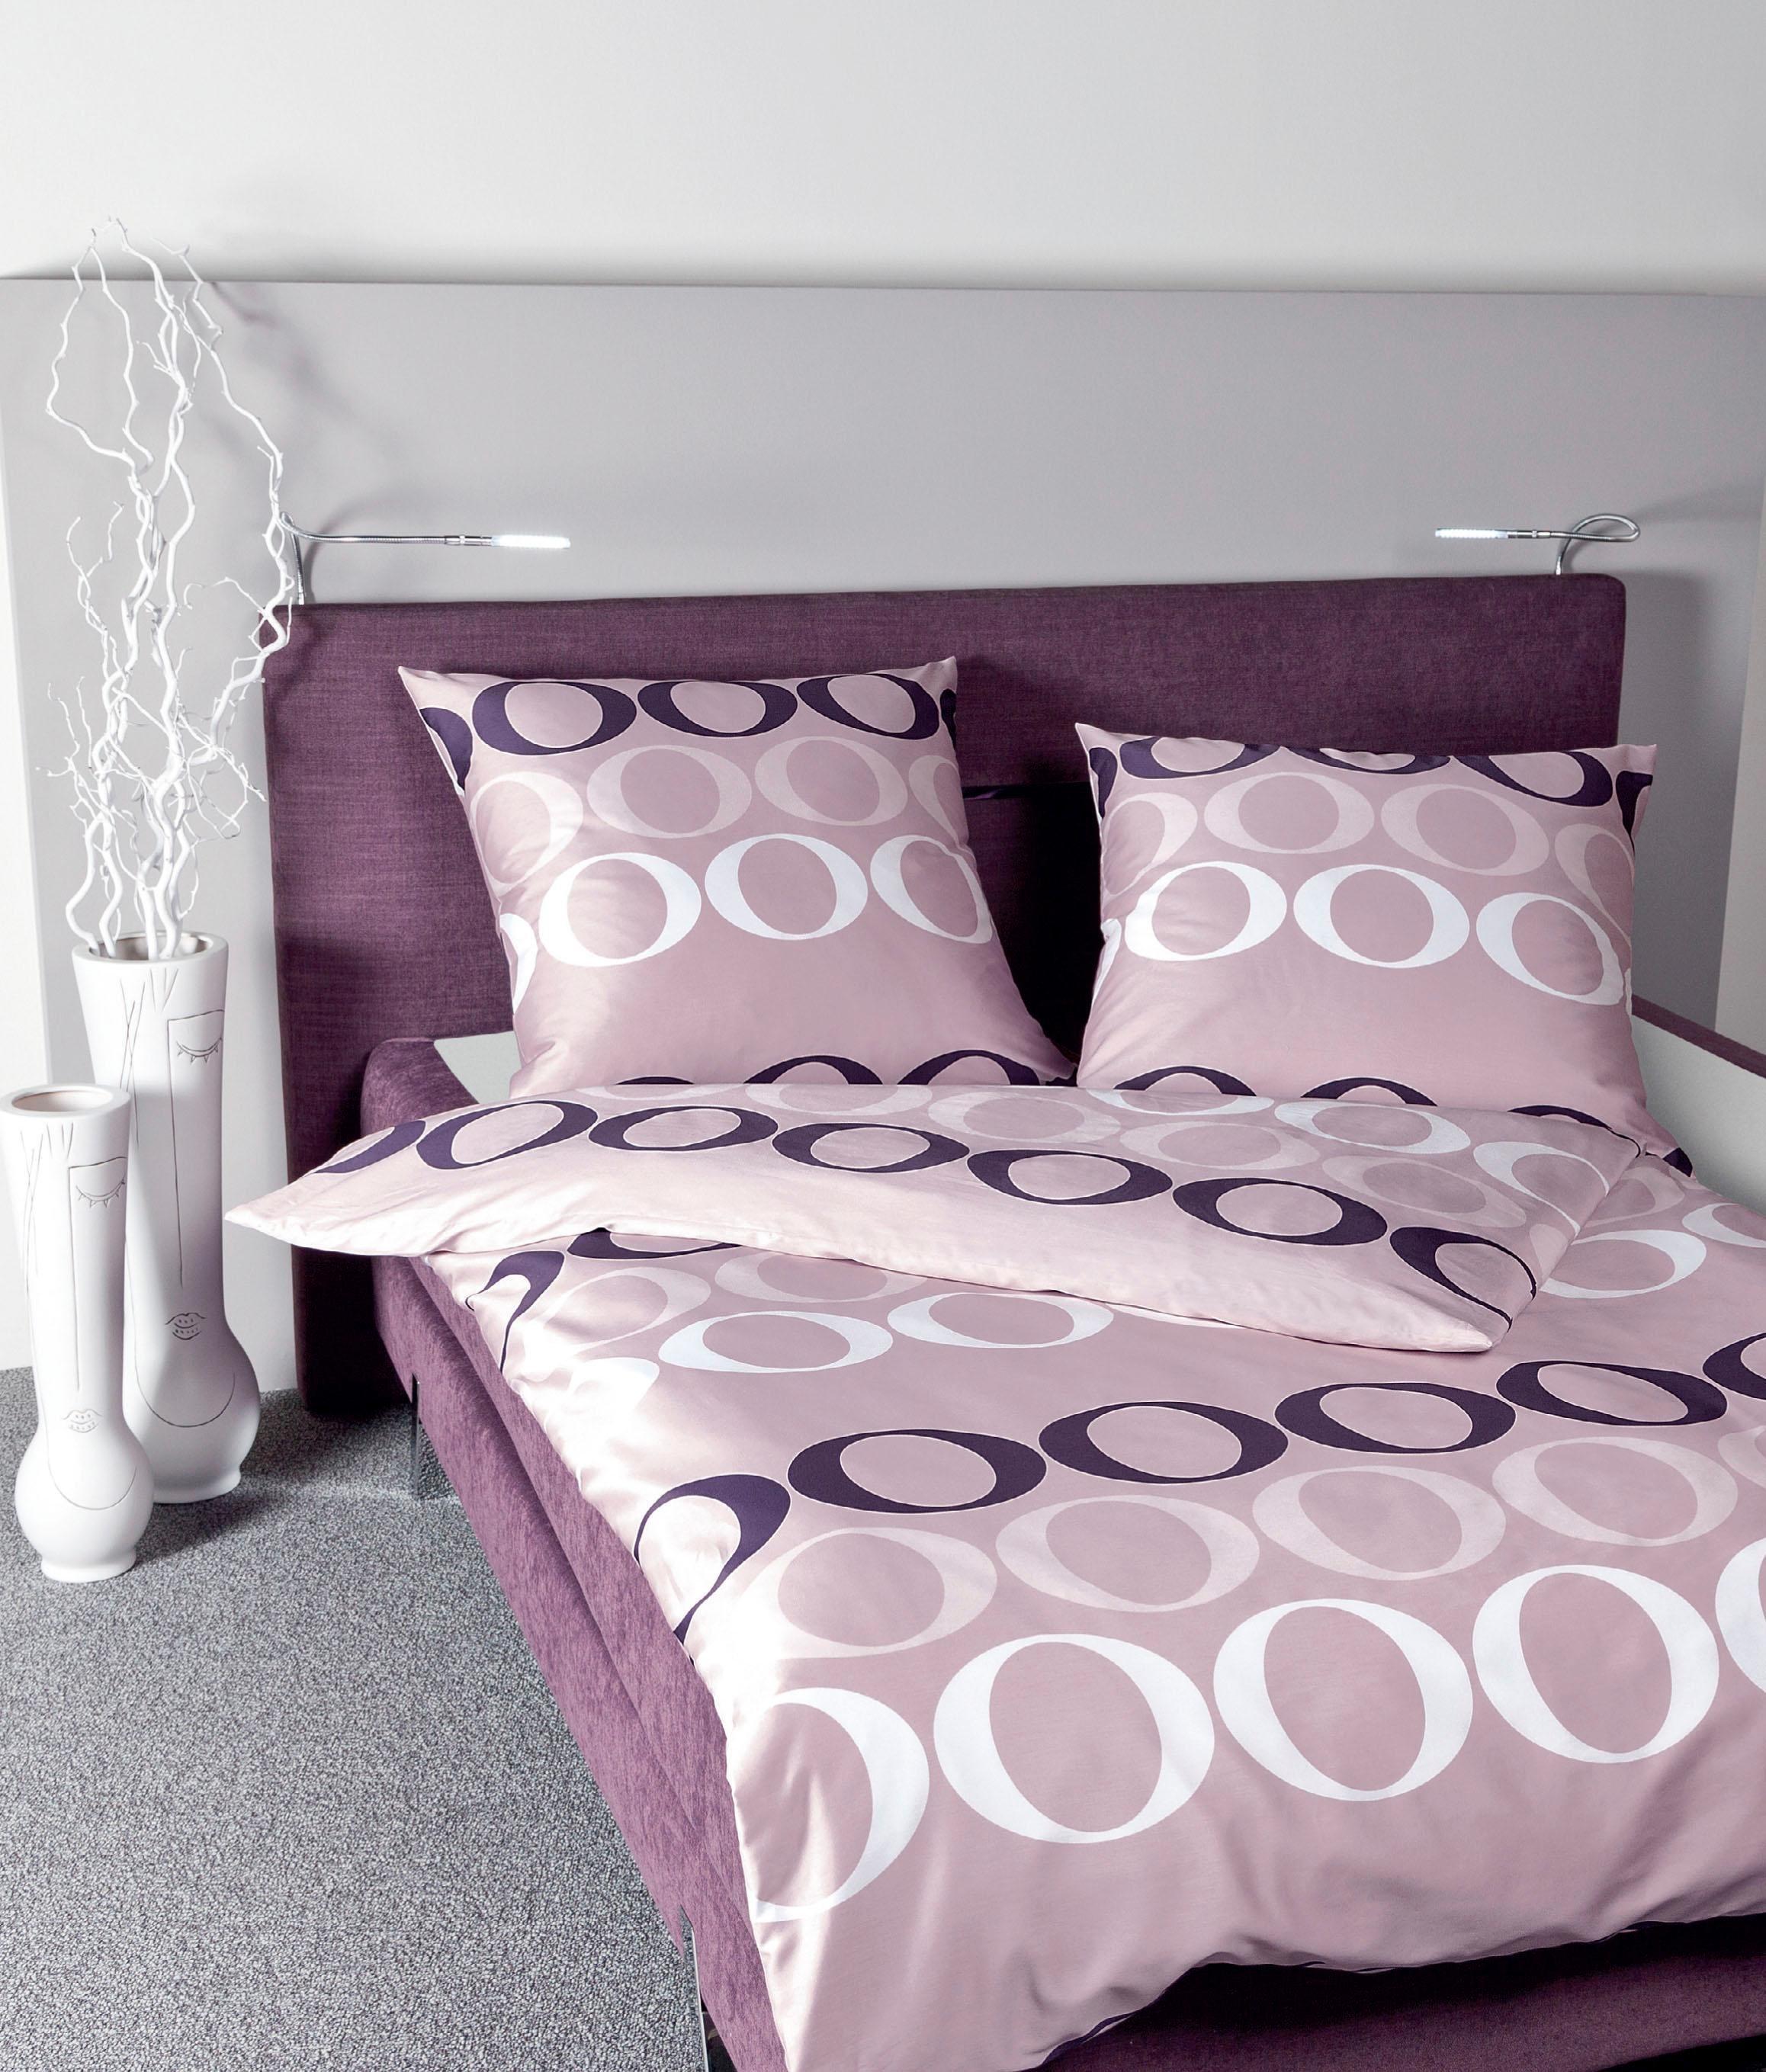 teppich 200x200 lila preisvergleich die besten angebote online kaufen. Black Bedroom Furniture Sets. Home Design Ideas